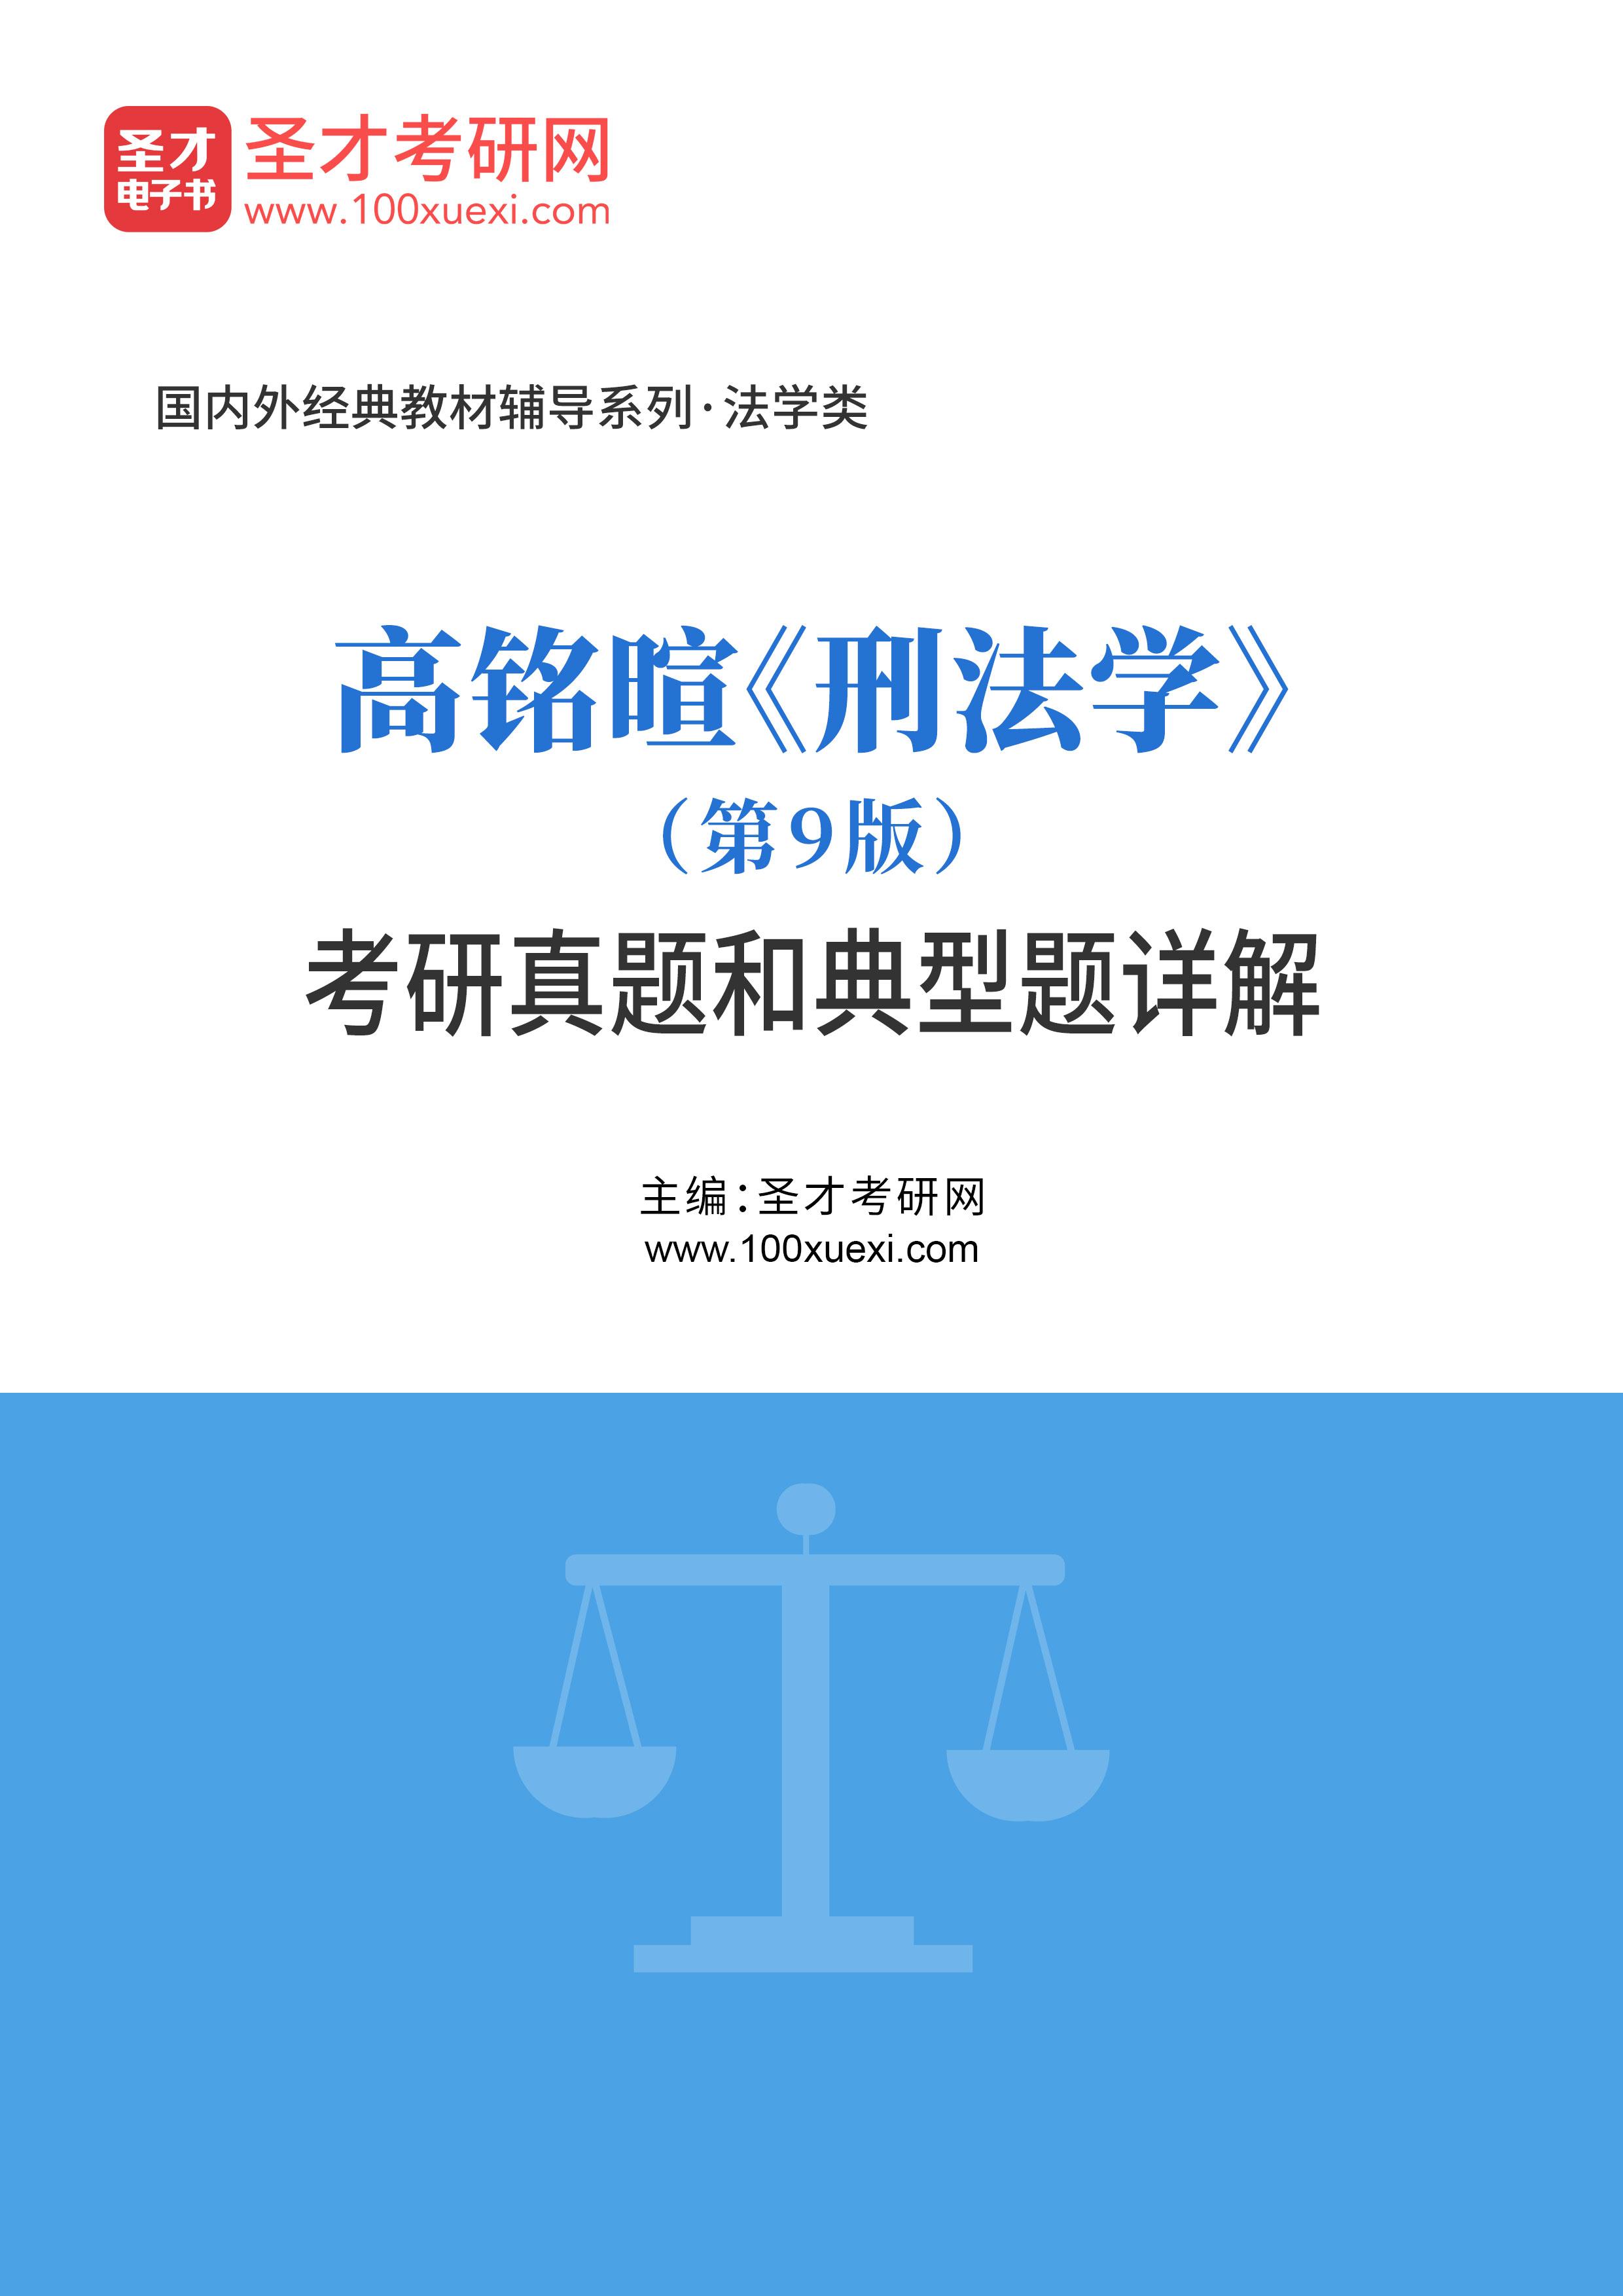 高铭暄《刑法学》(第9版)考研真题和典型题详解